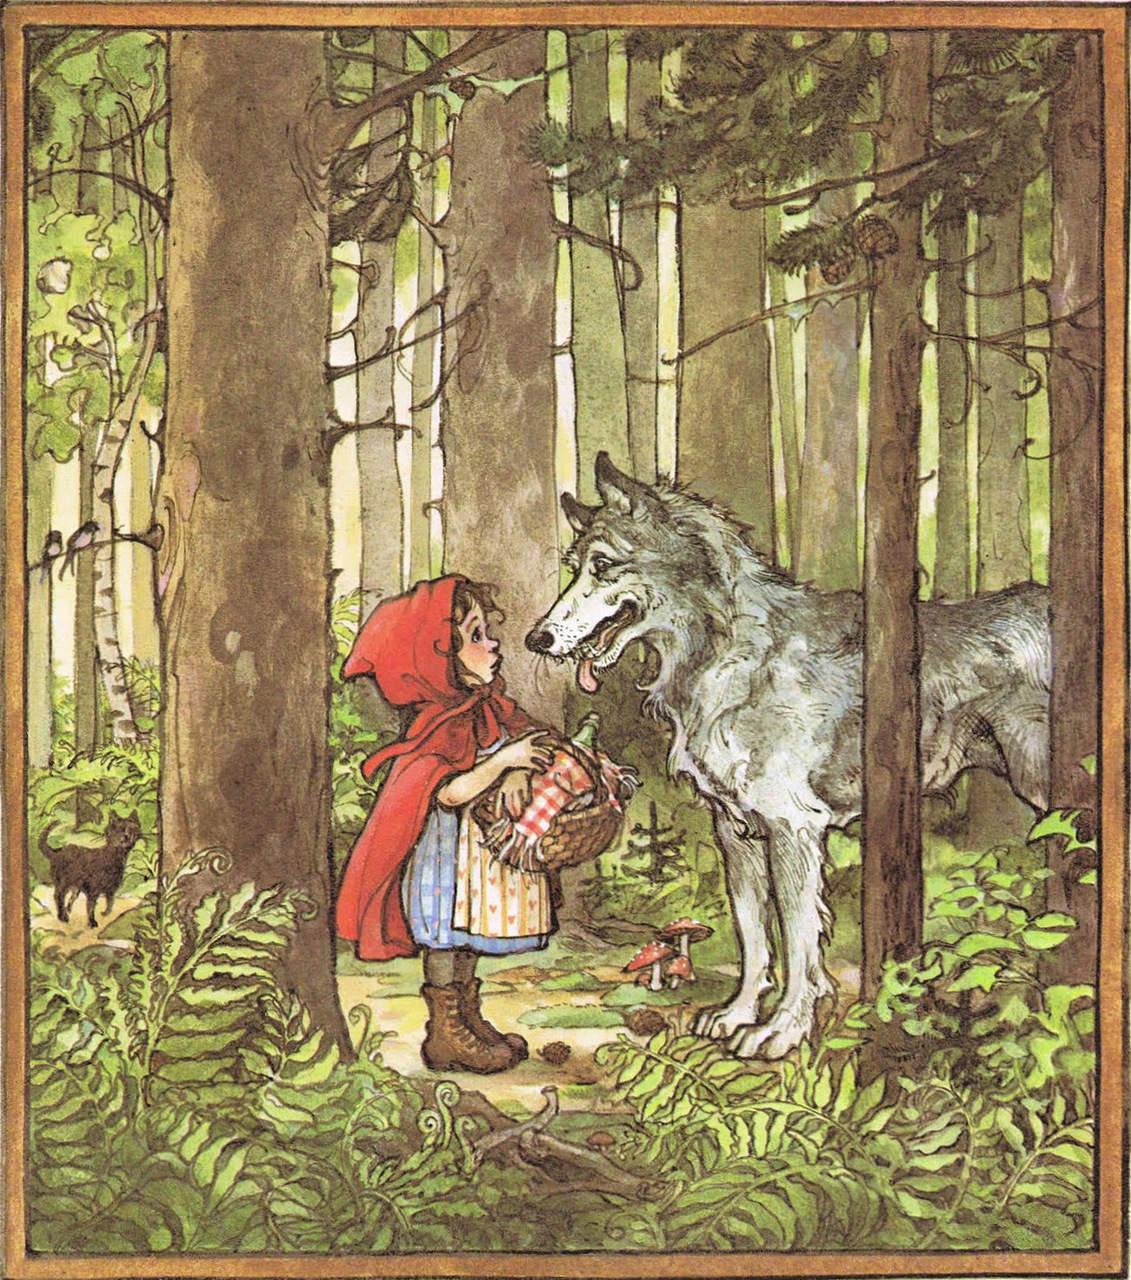 Сказка о красной шапочке для взрослых трагедия 3 фотография